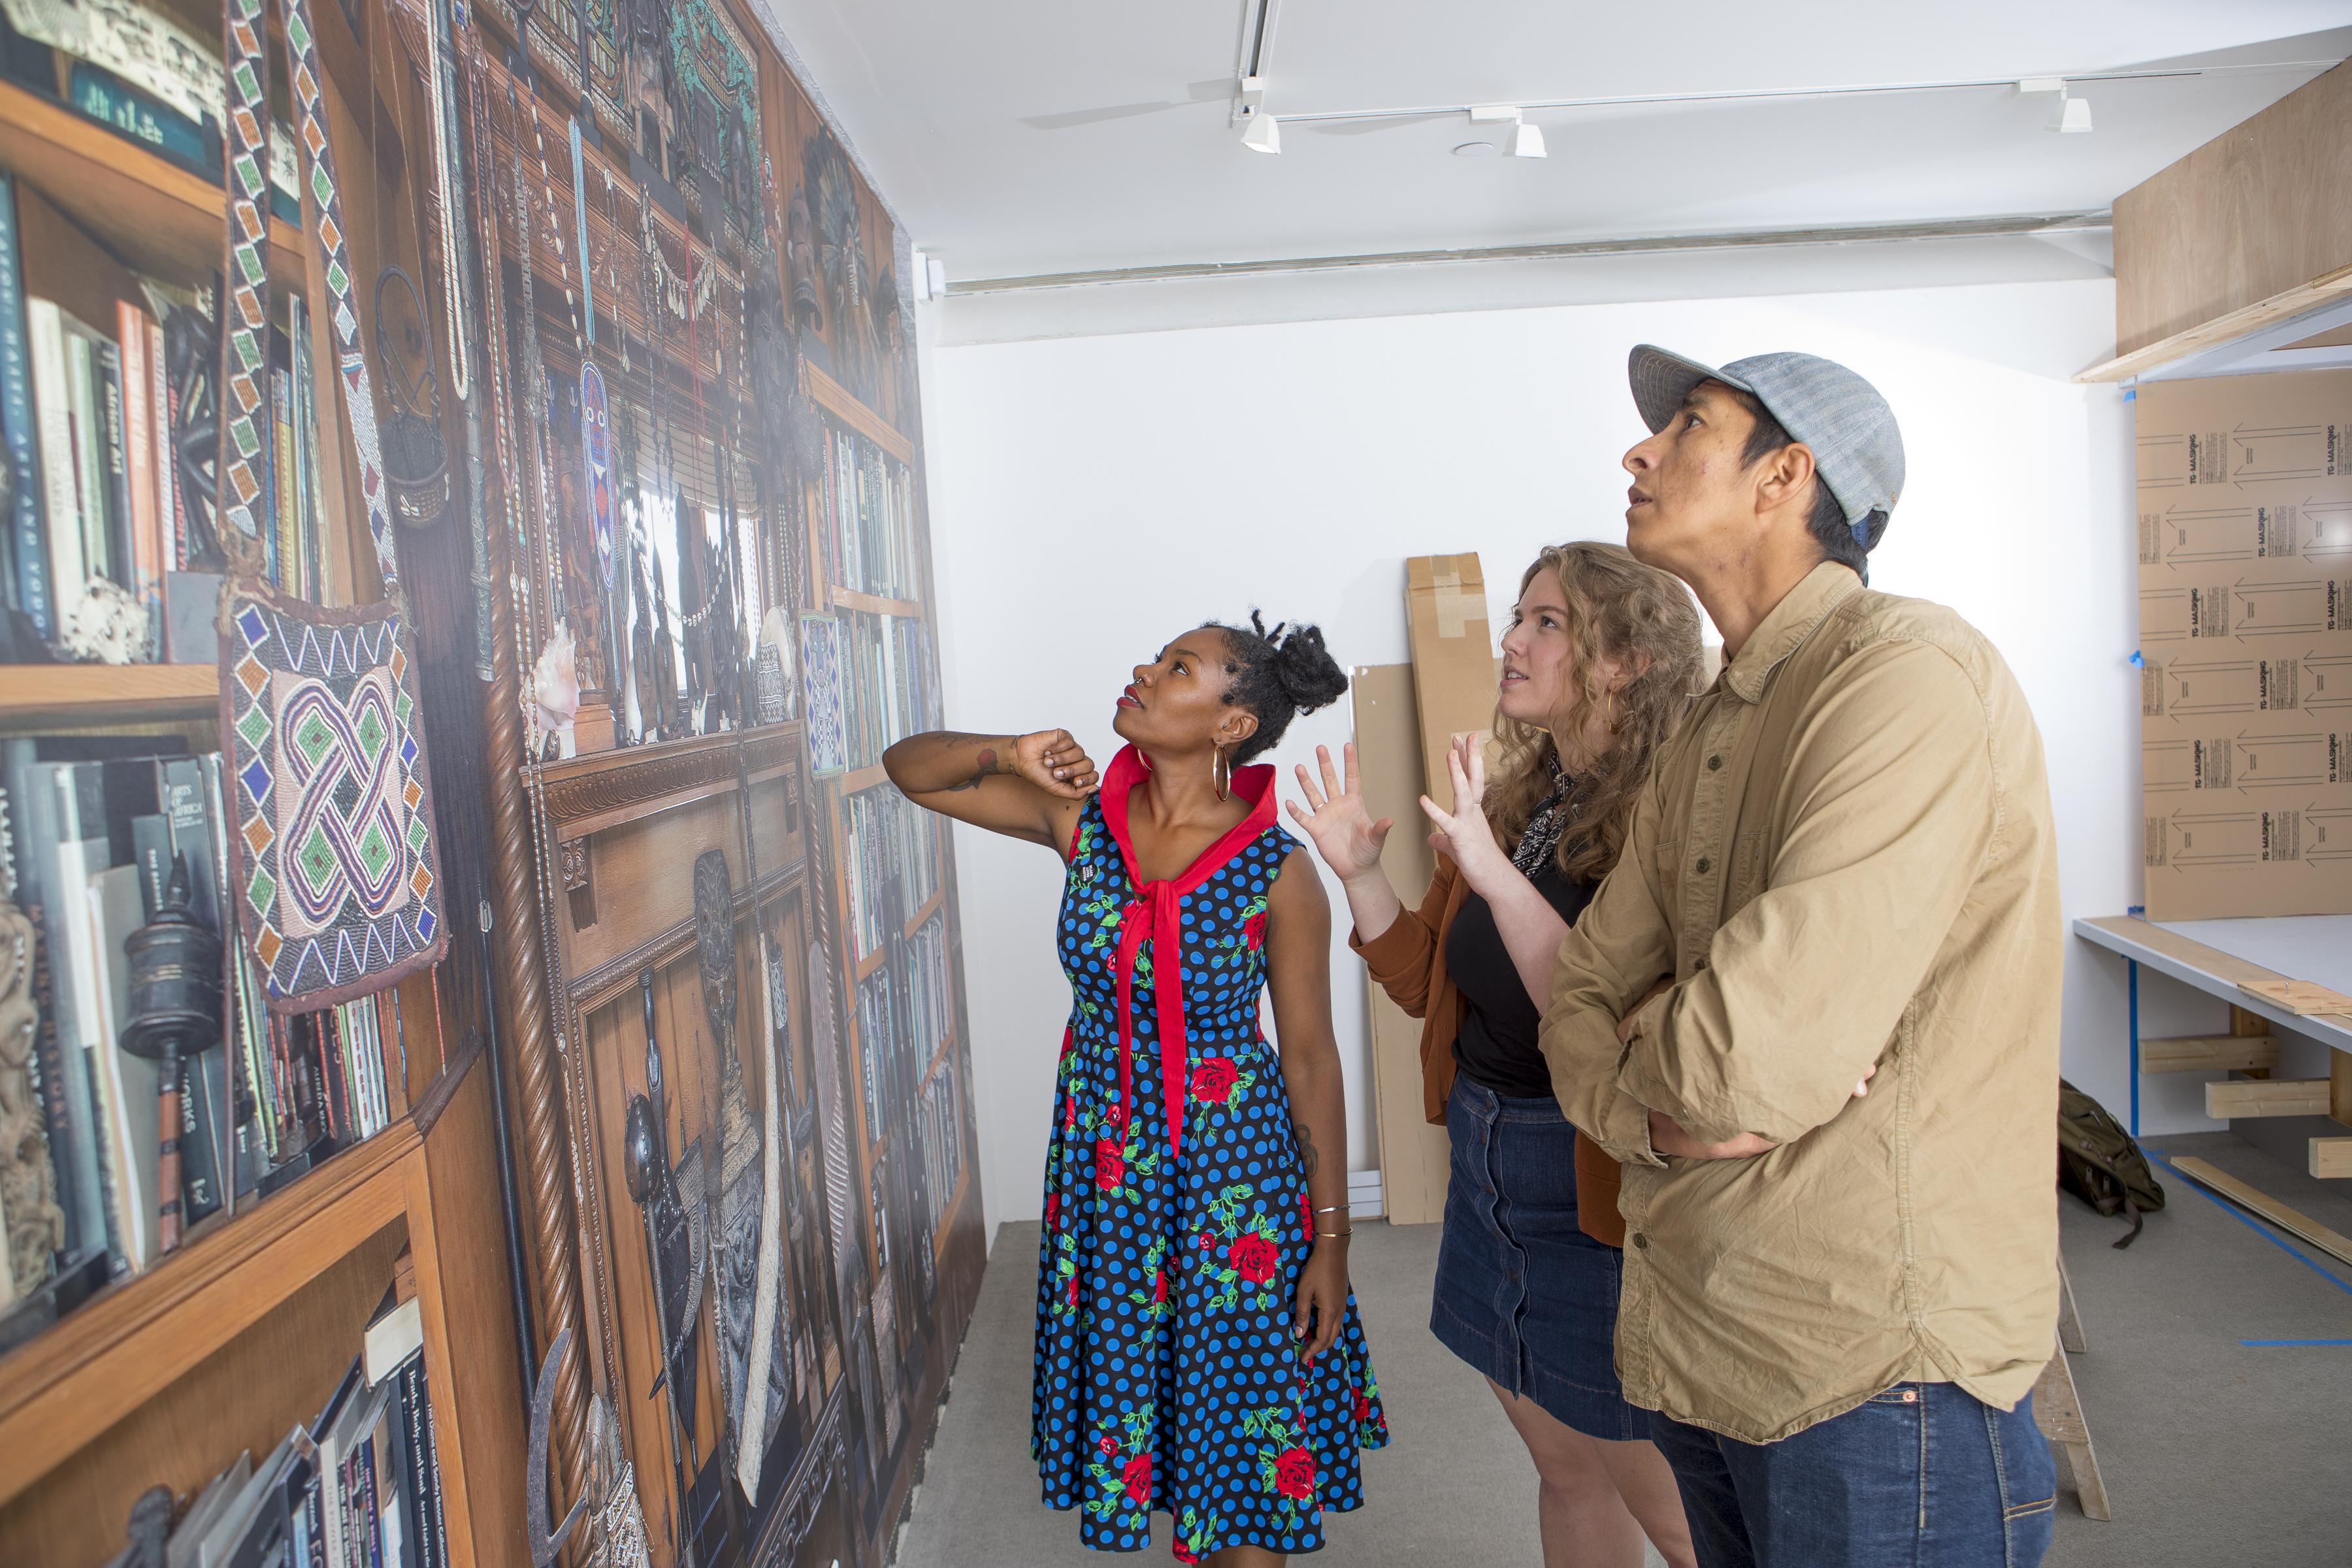 Student curators